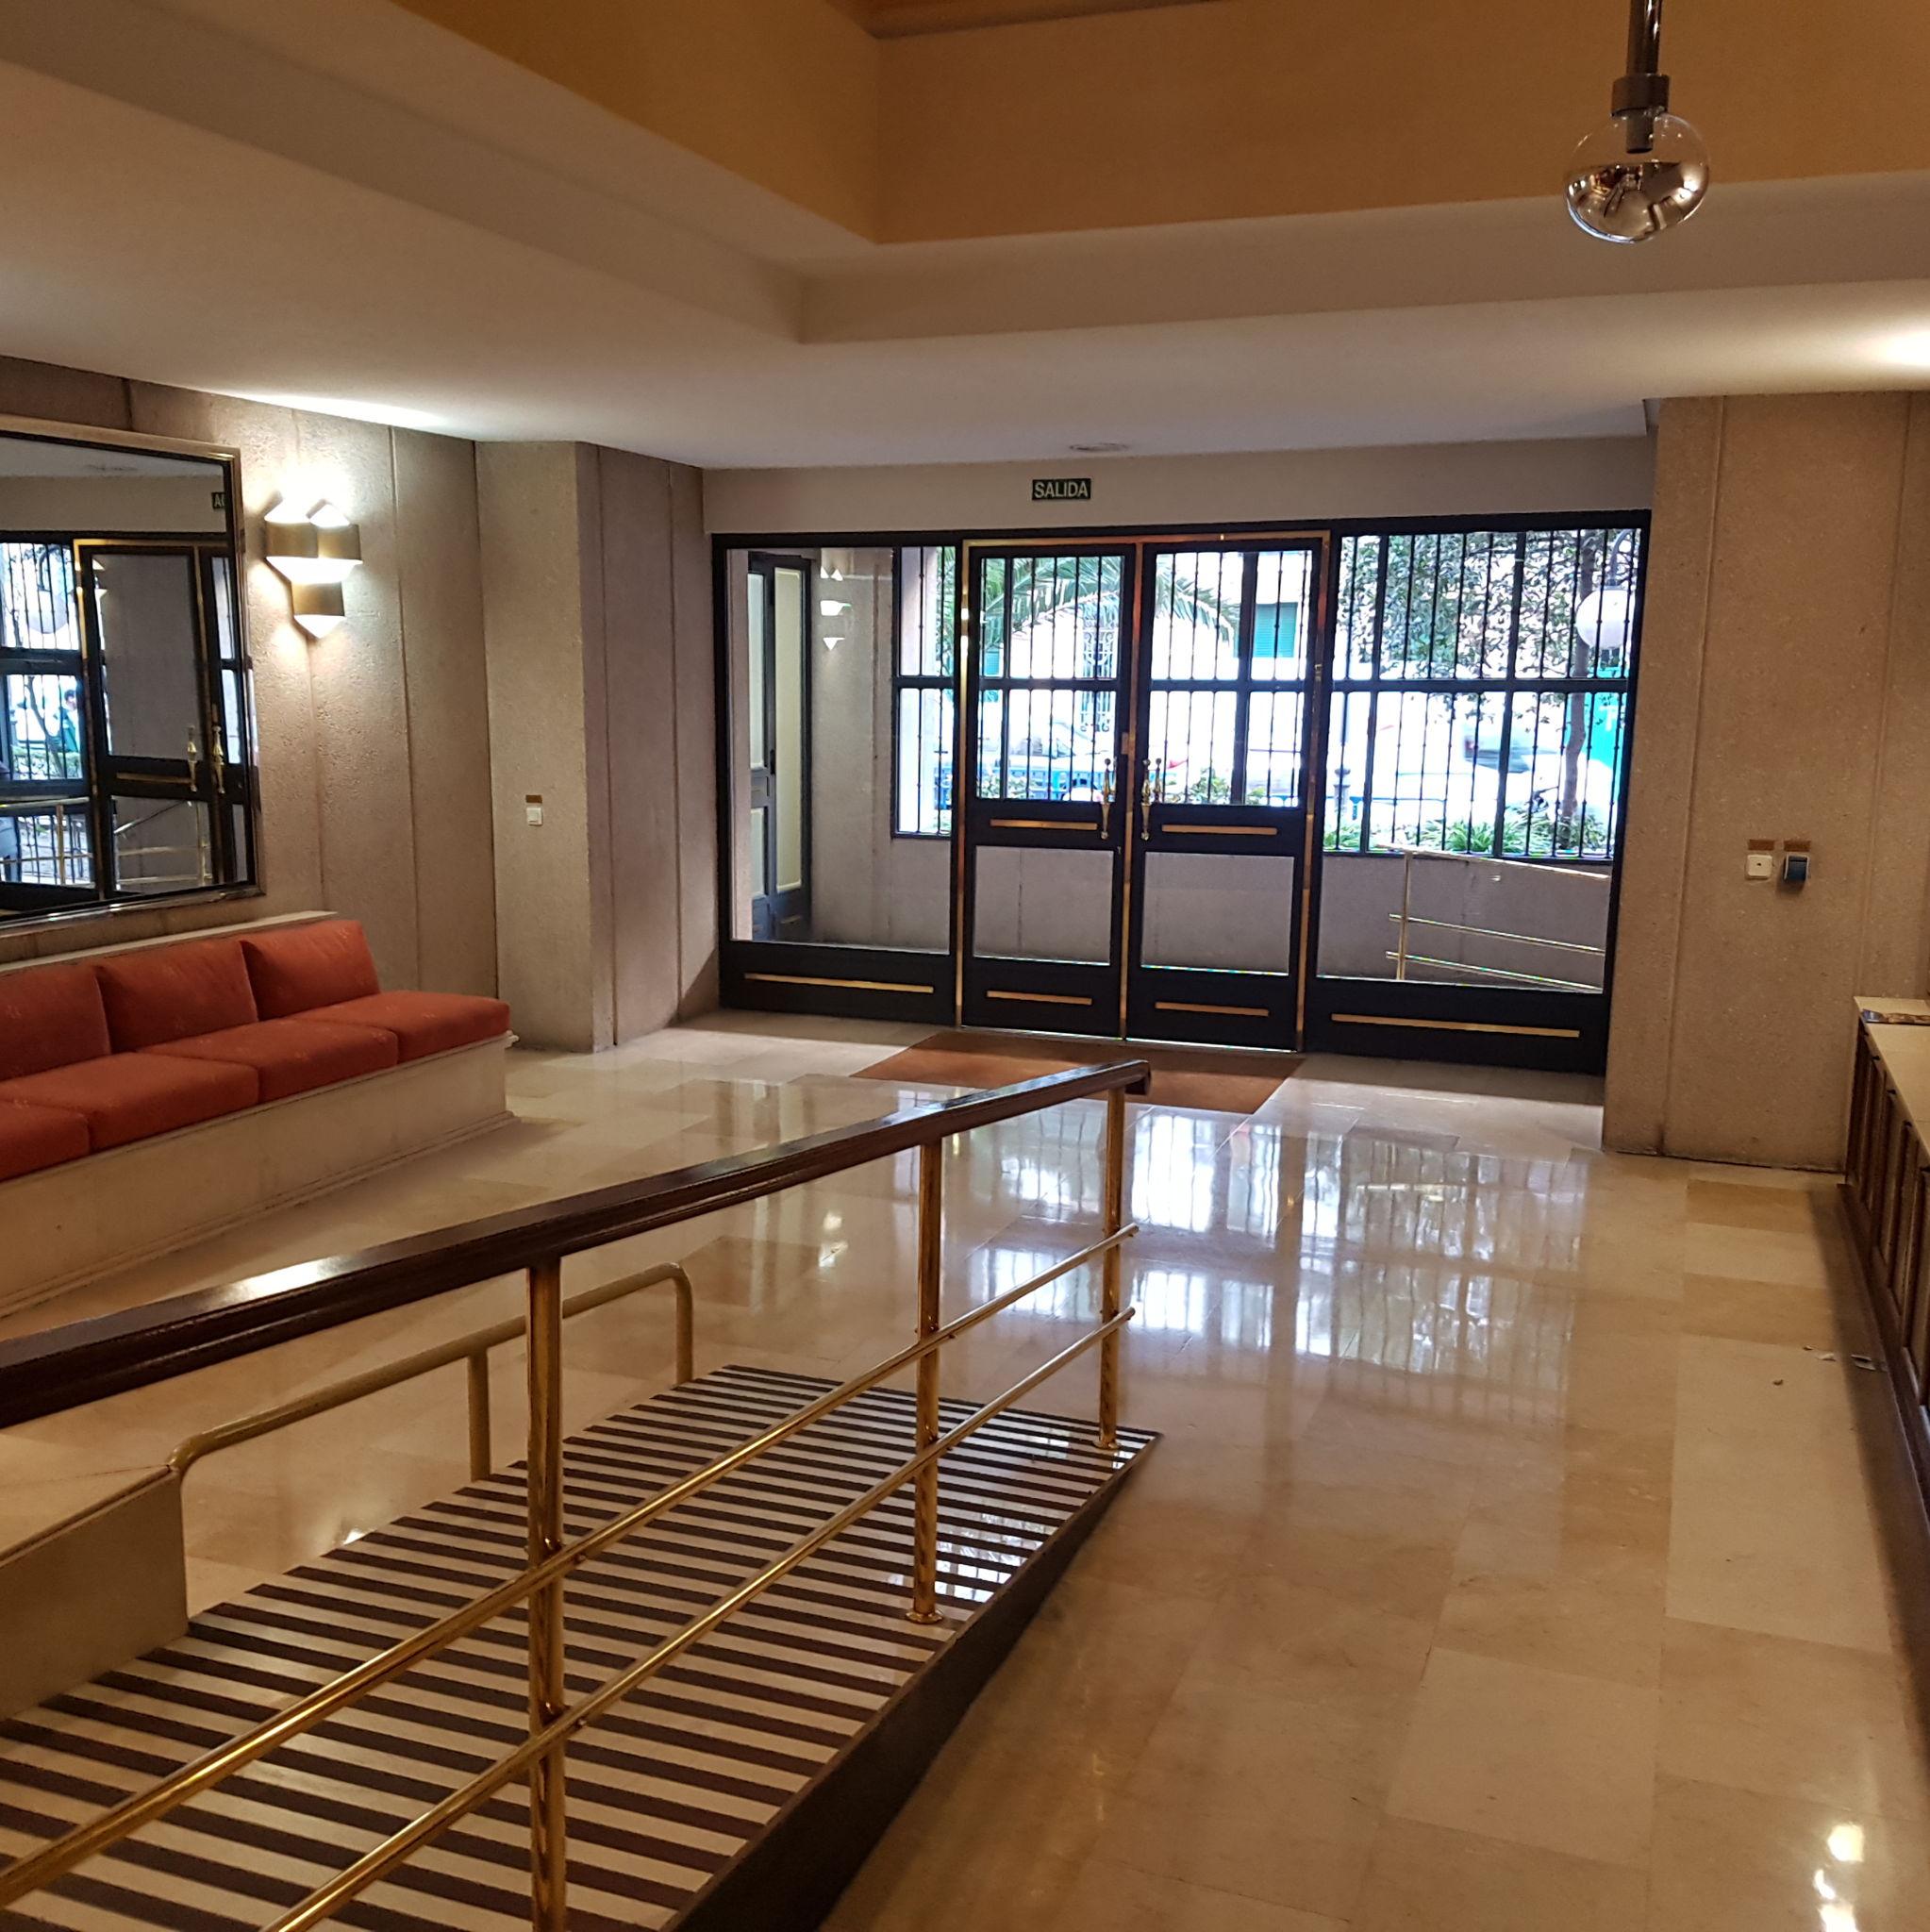 Recepción del edificio donde se encuentra nuestro despacho en Madrid